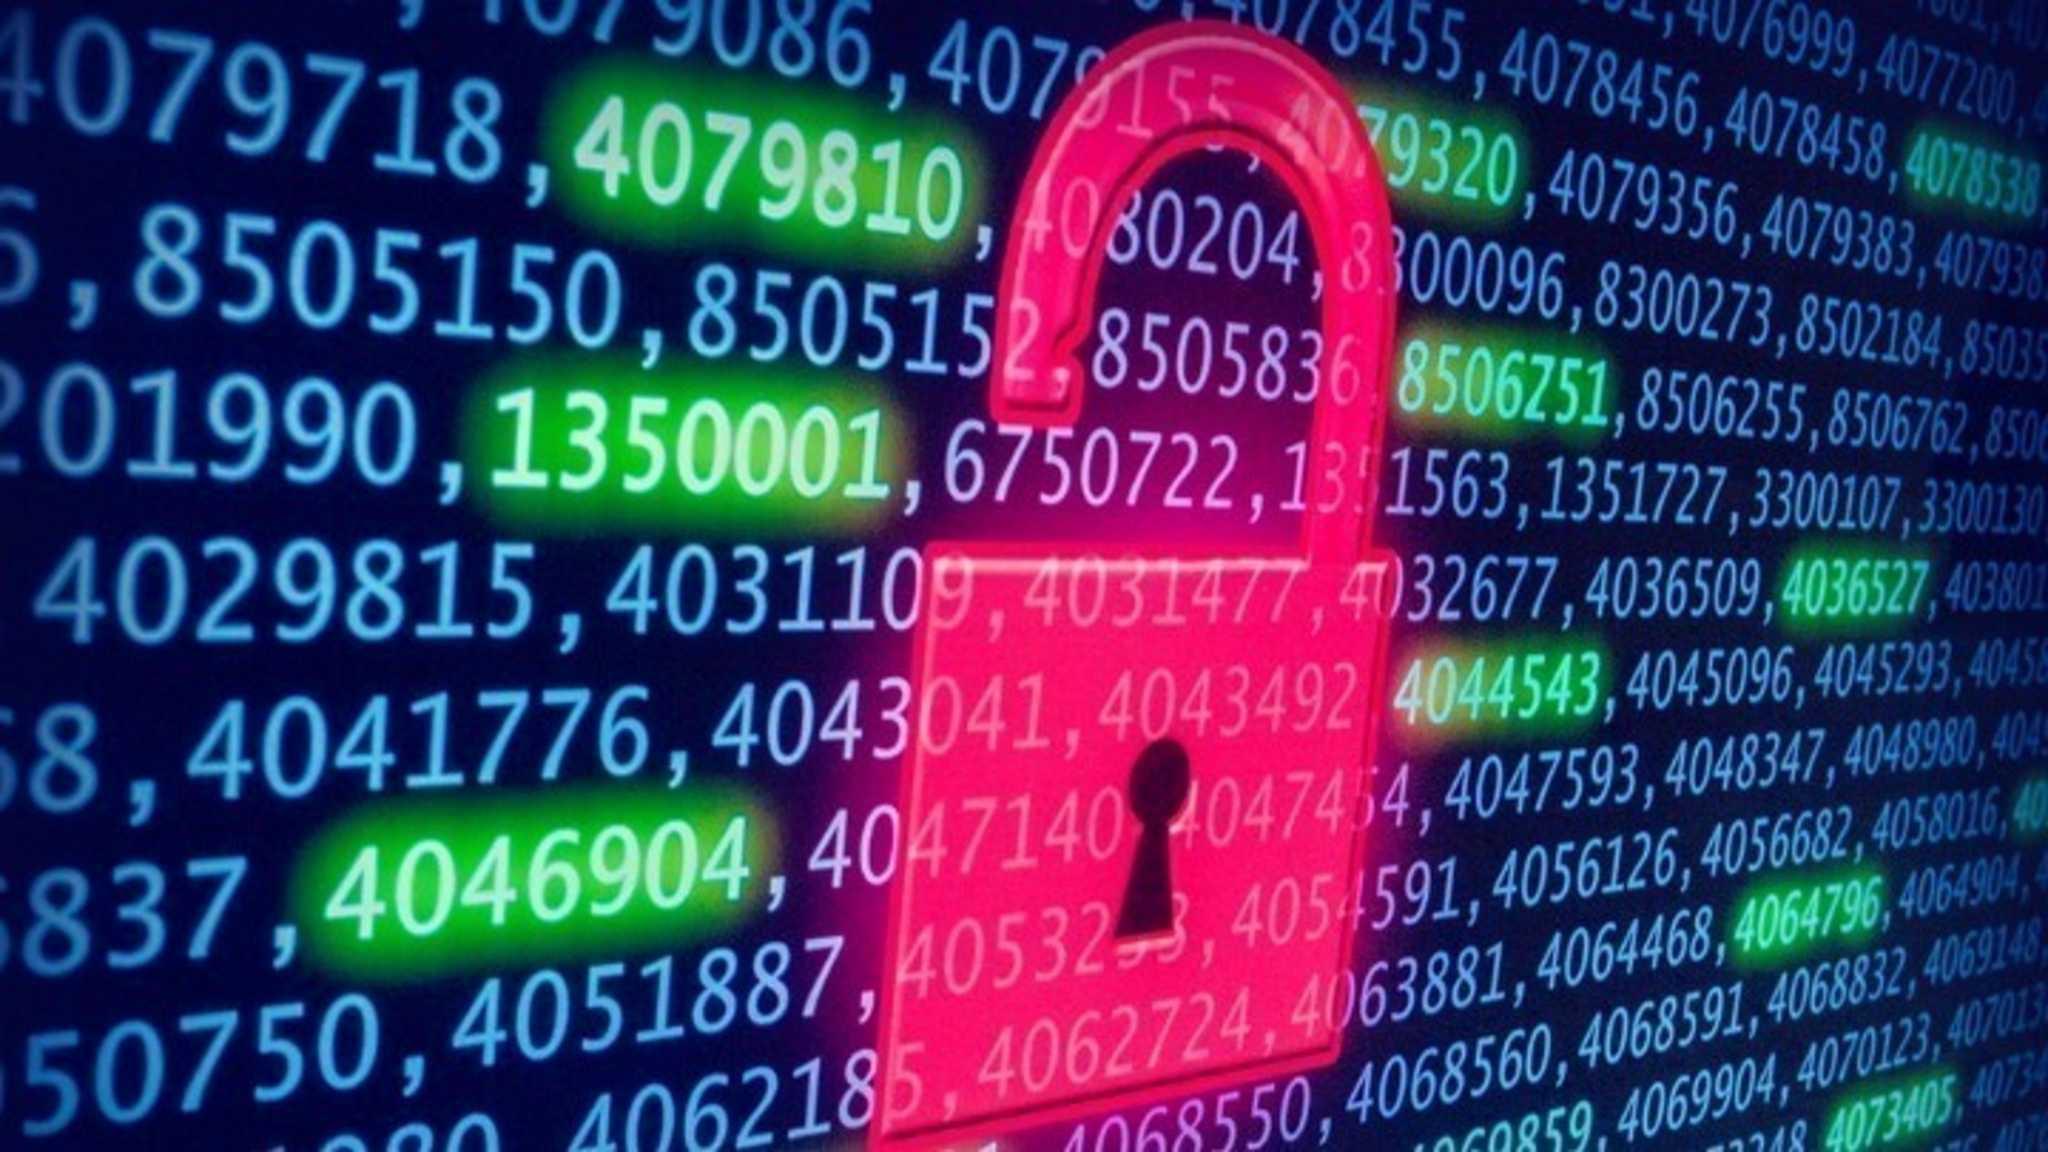 Δίωξη Ηλεκτρονικού Εγκλήματος: Χακάρουν λογαριασμούς στα social media – Τι πρέπει να κάνετε